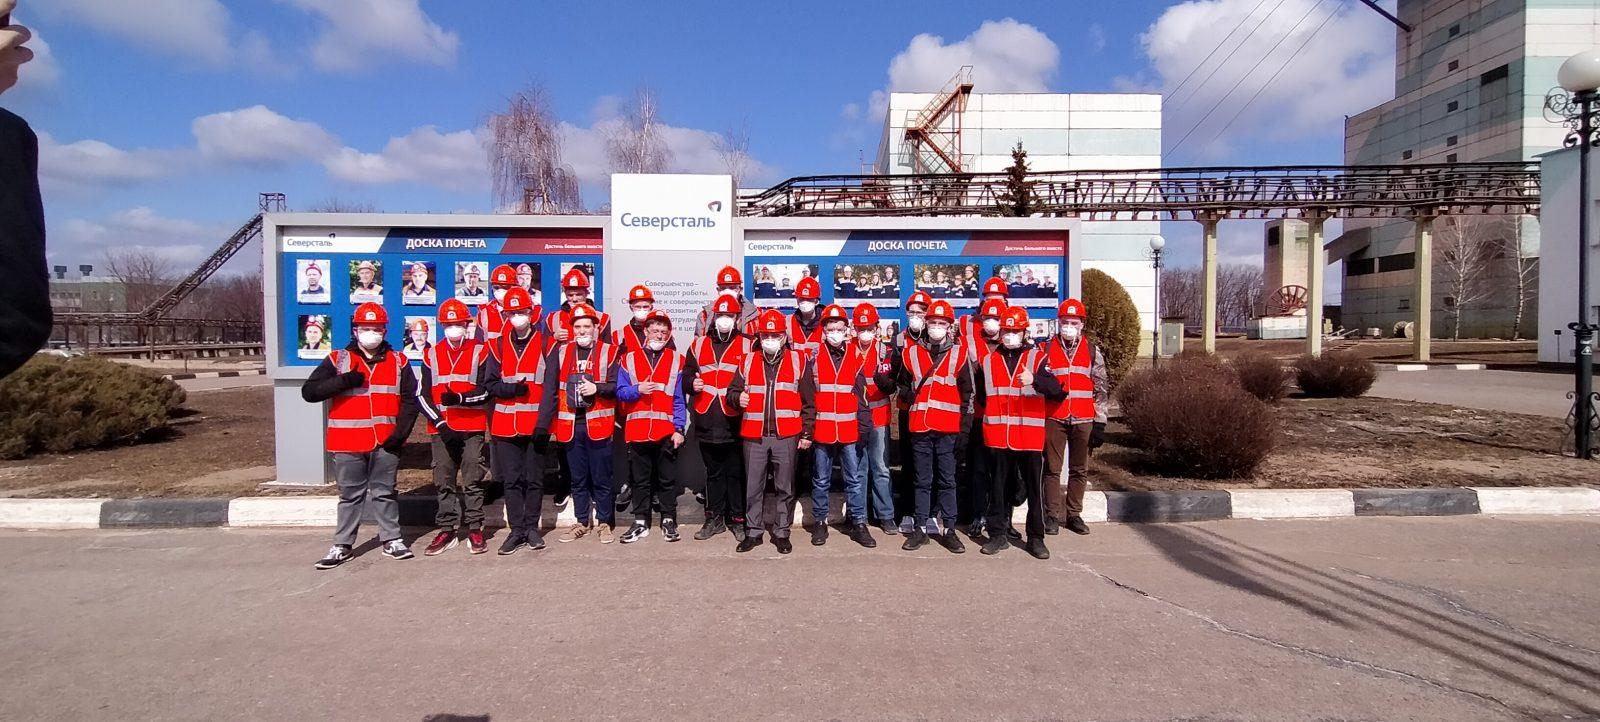 Экскурсия для 1 курса обучающихся группы №14 «Ремонтник горного оборудования» на площадке якорного предприятия ООО «Корпанга»